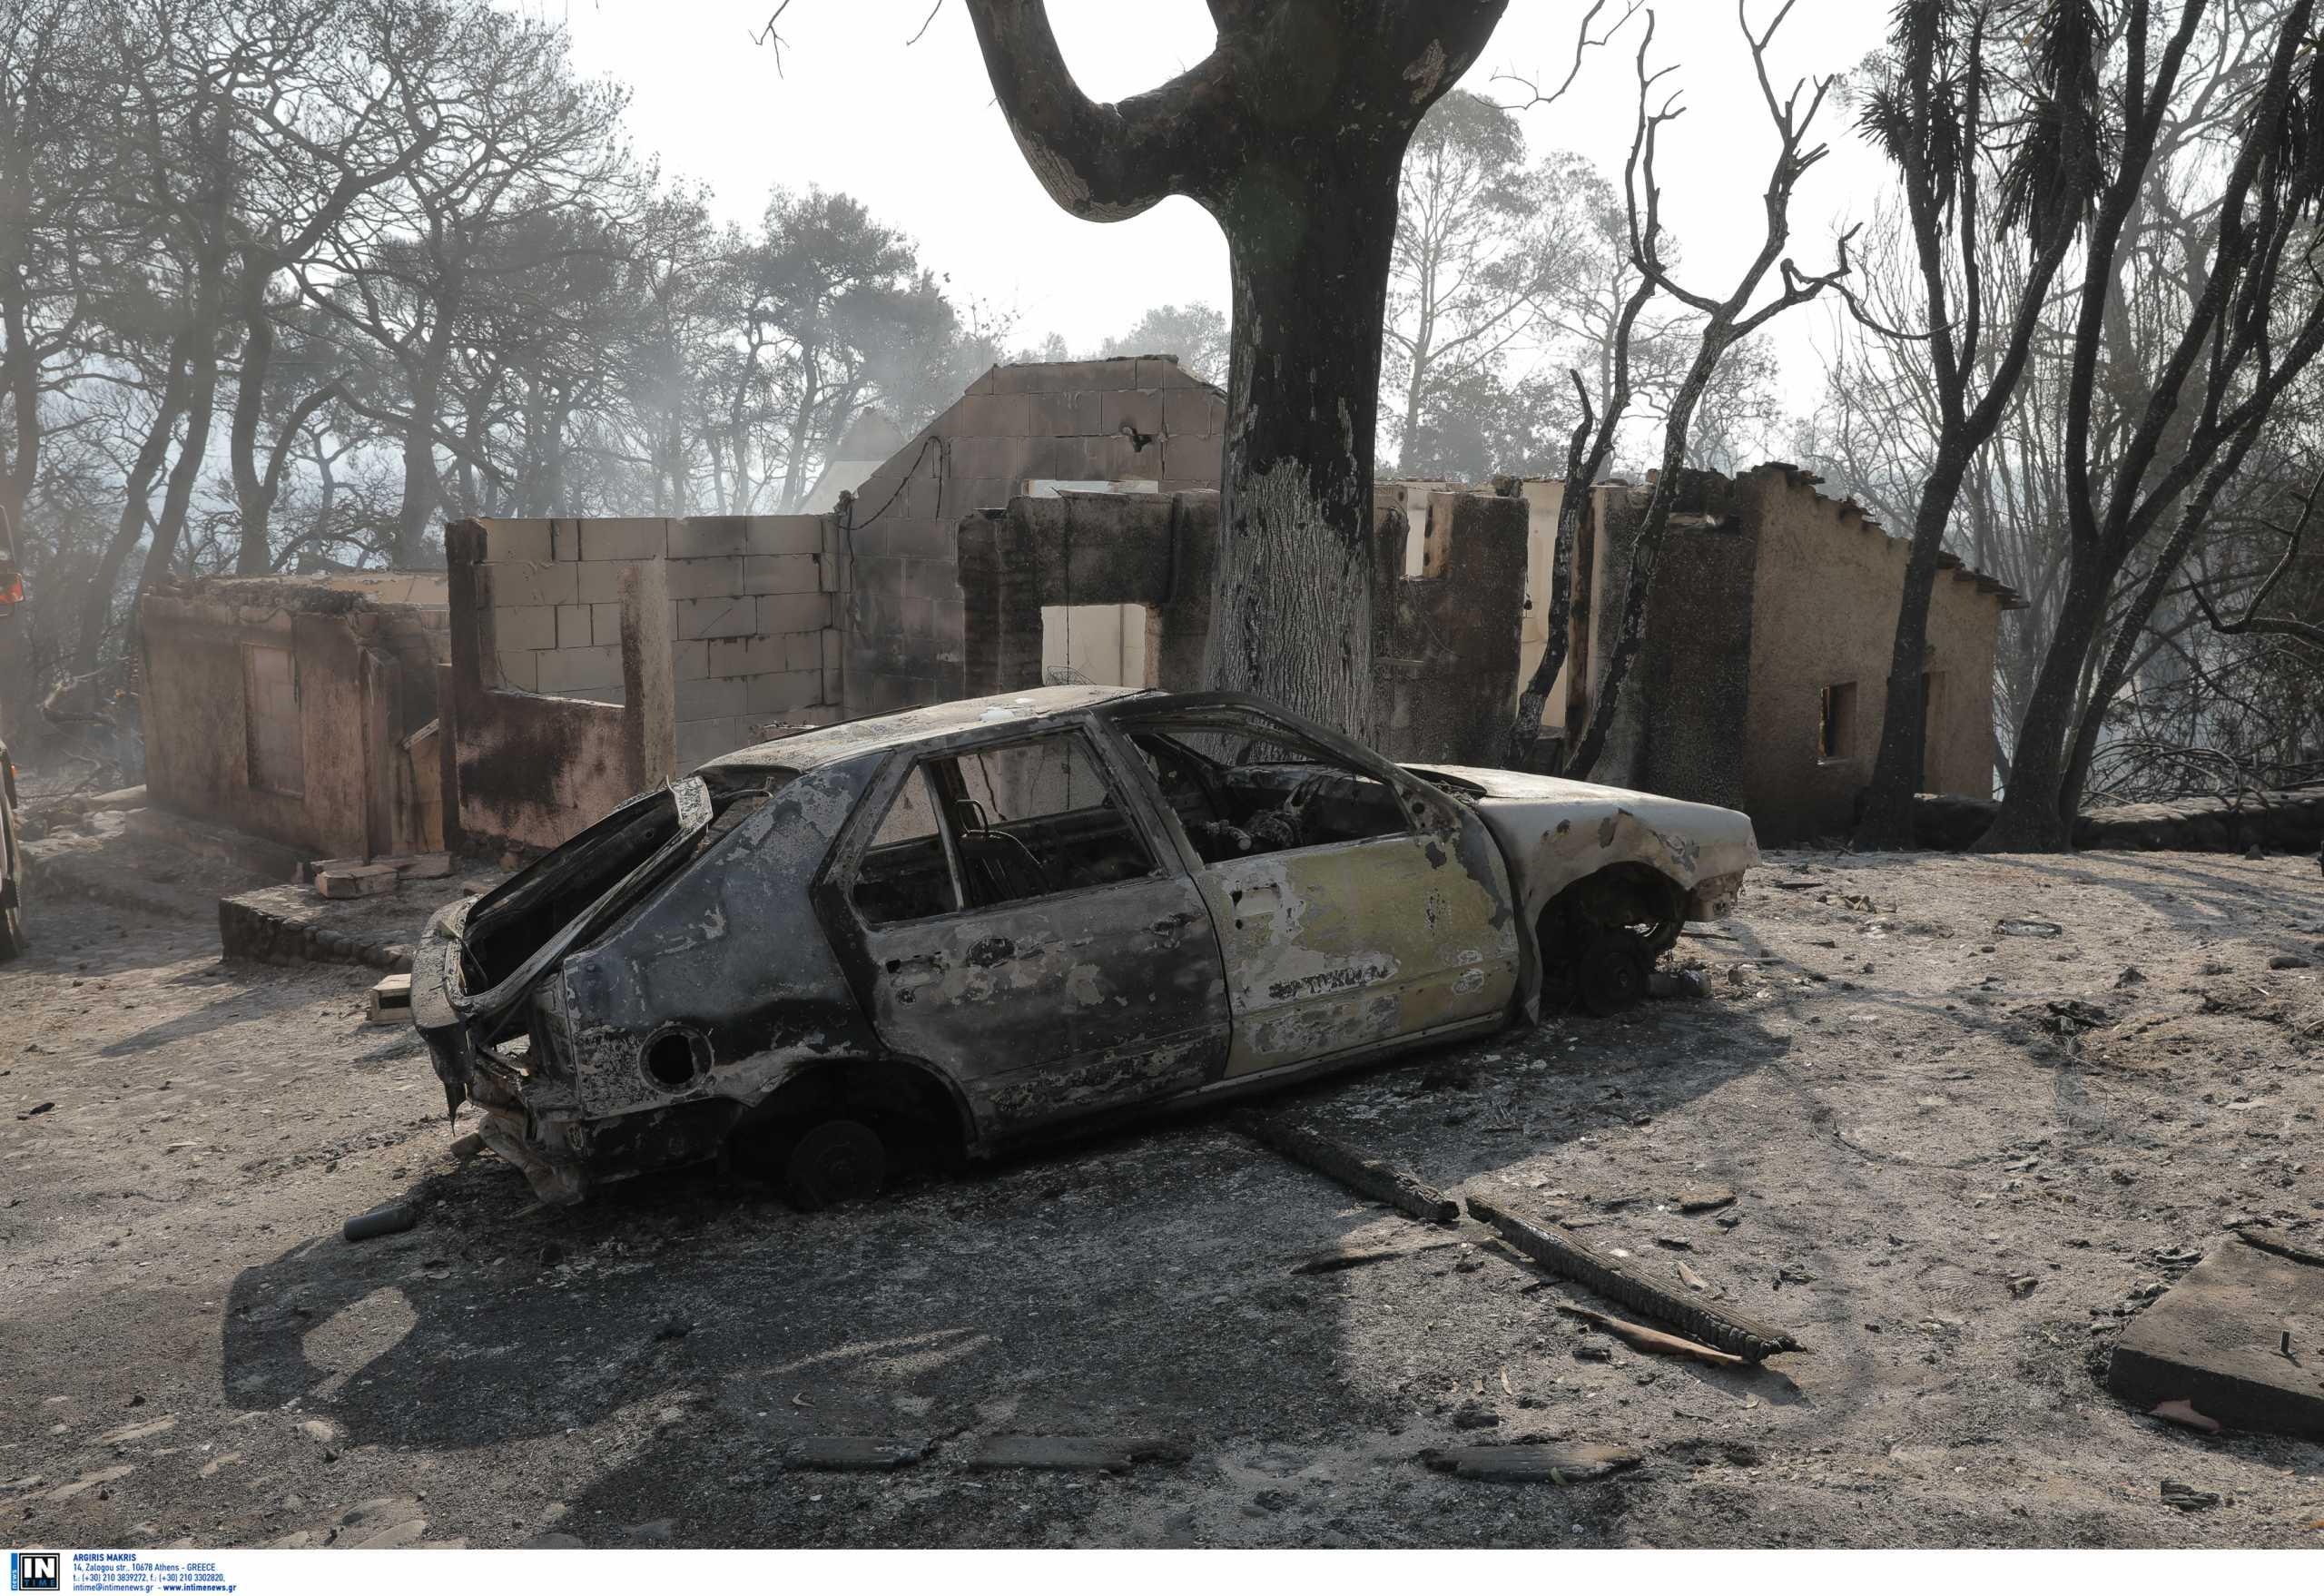 Φωτιά στην Αχαΐα: Που υπάρχουν ενεργά μέτωπα – Εικόνες καταστροφής στη Ζήρια – Τι έδειξε ο δορυφόρος